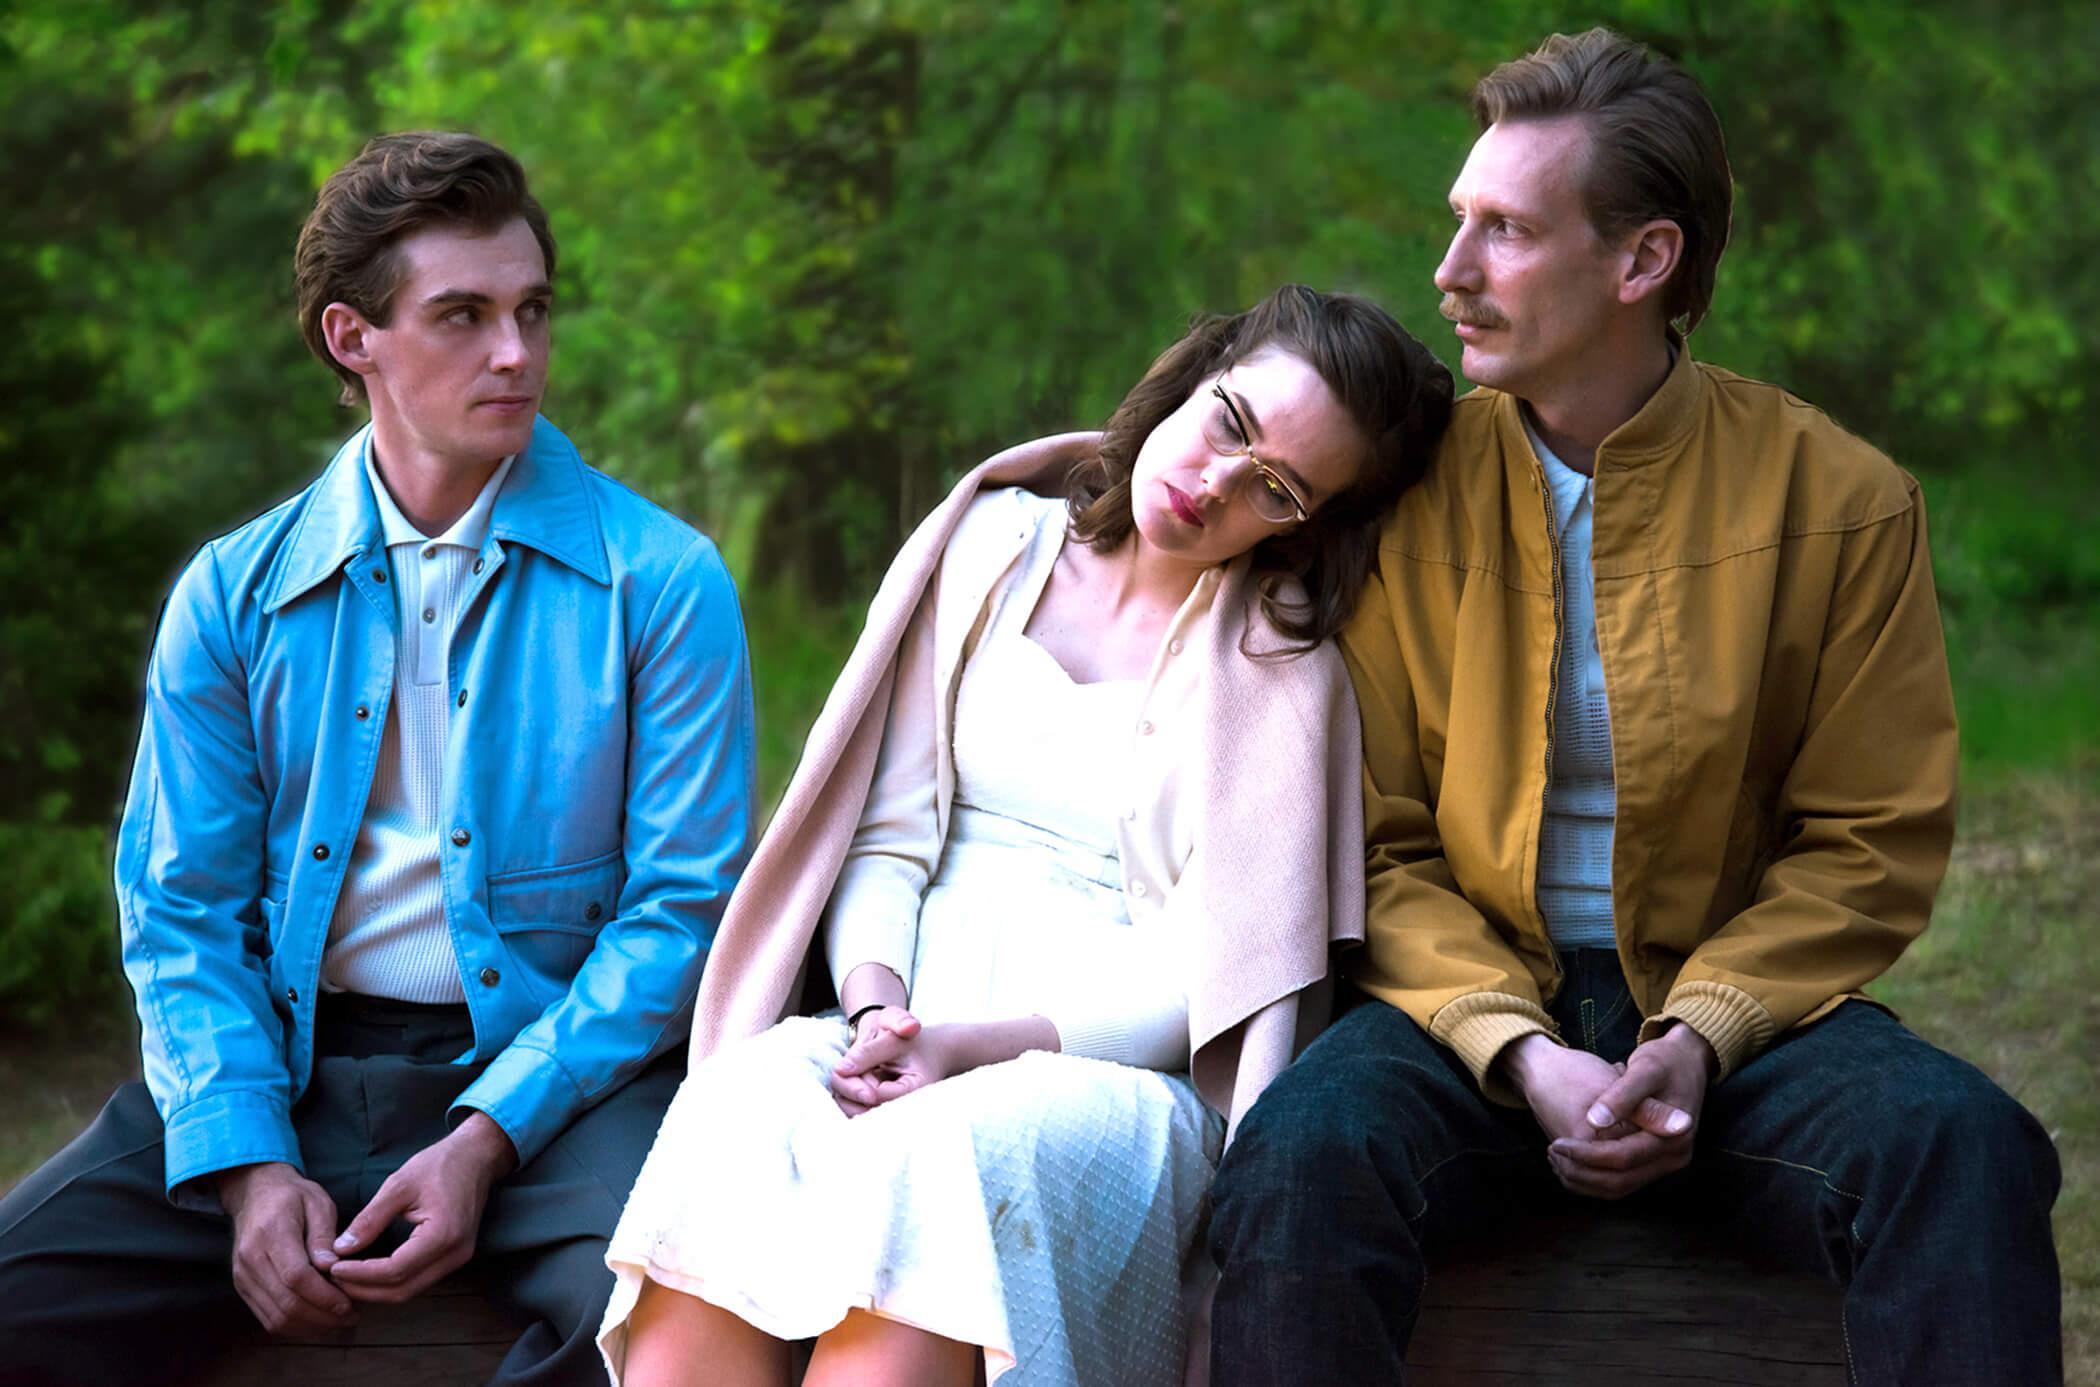 上映映画をもっと知りたい! 語りたい倶楽部。#29『トム・オブ・フィンランド』